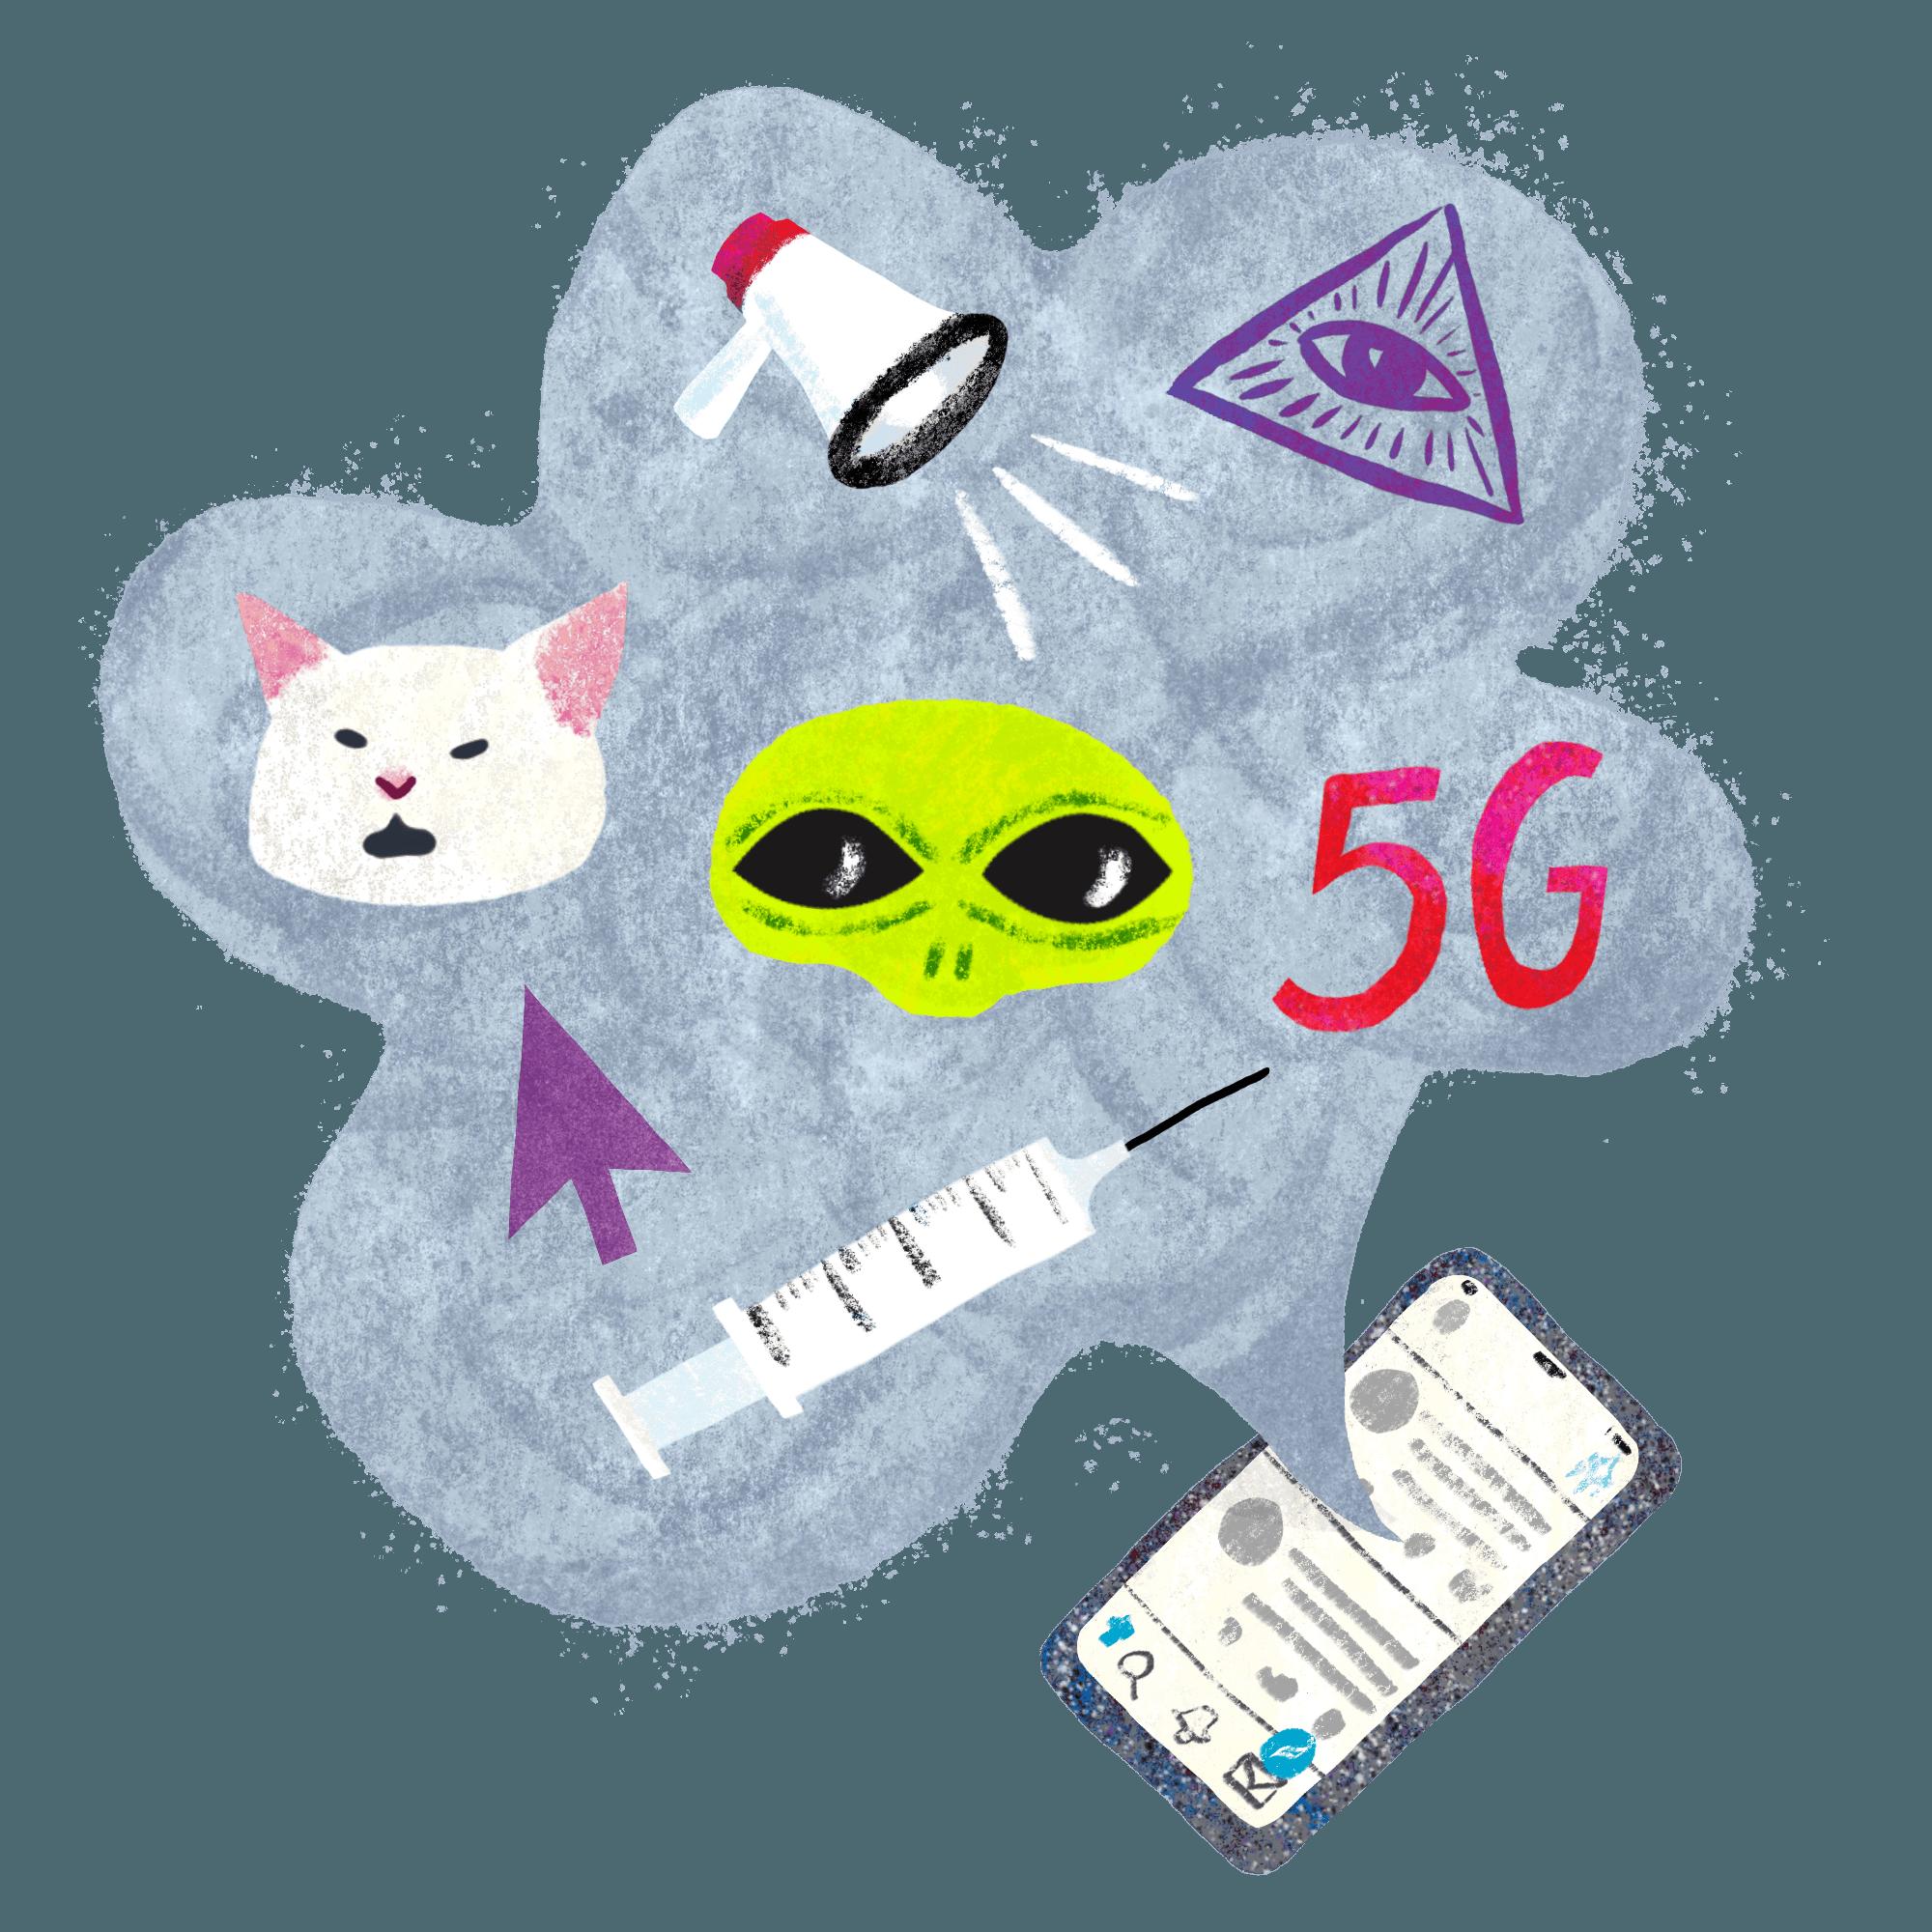 Mobiltelefon med en snakkeboble som inneholder en sprøyte, en musepeker, en katt, en alien, 5G, en megafon, illuminati-logo